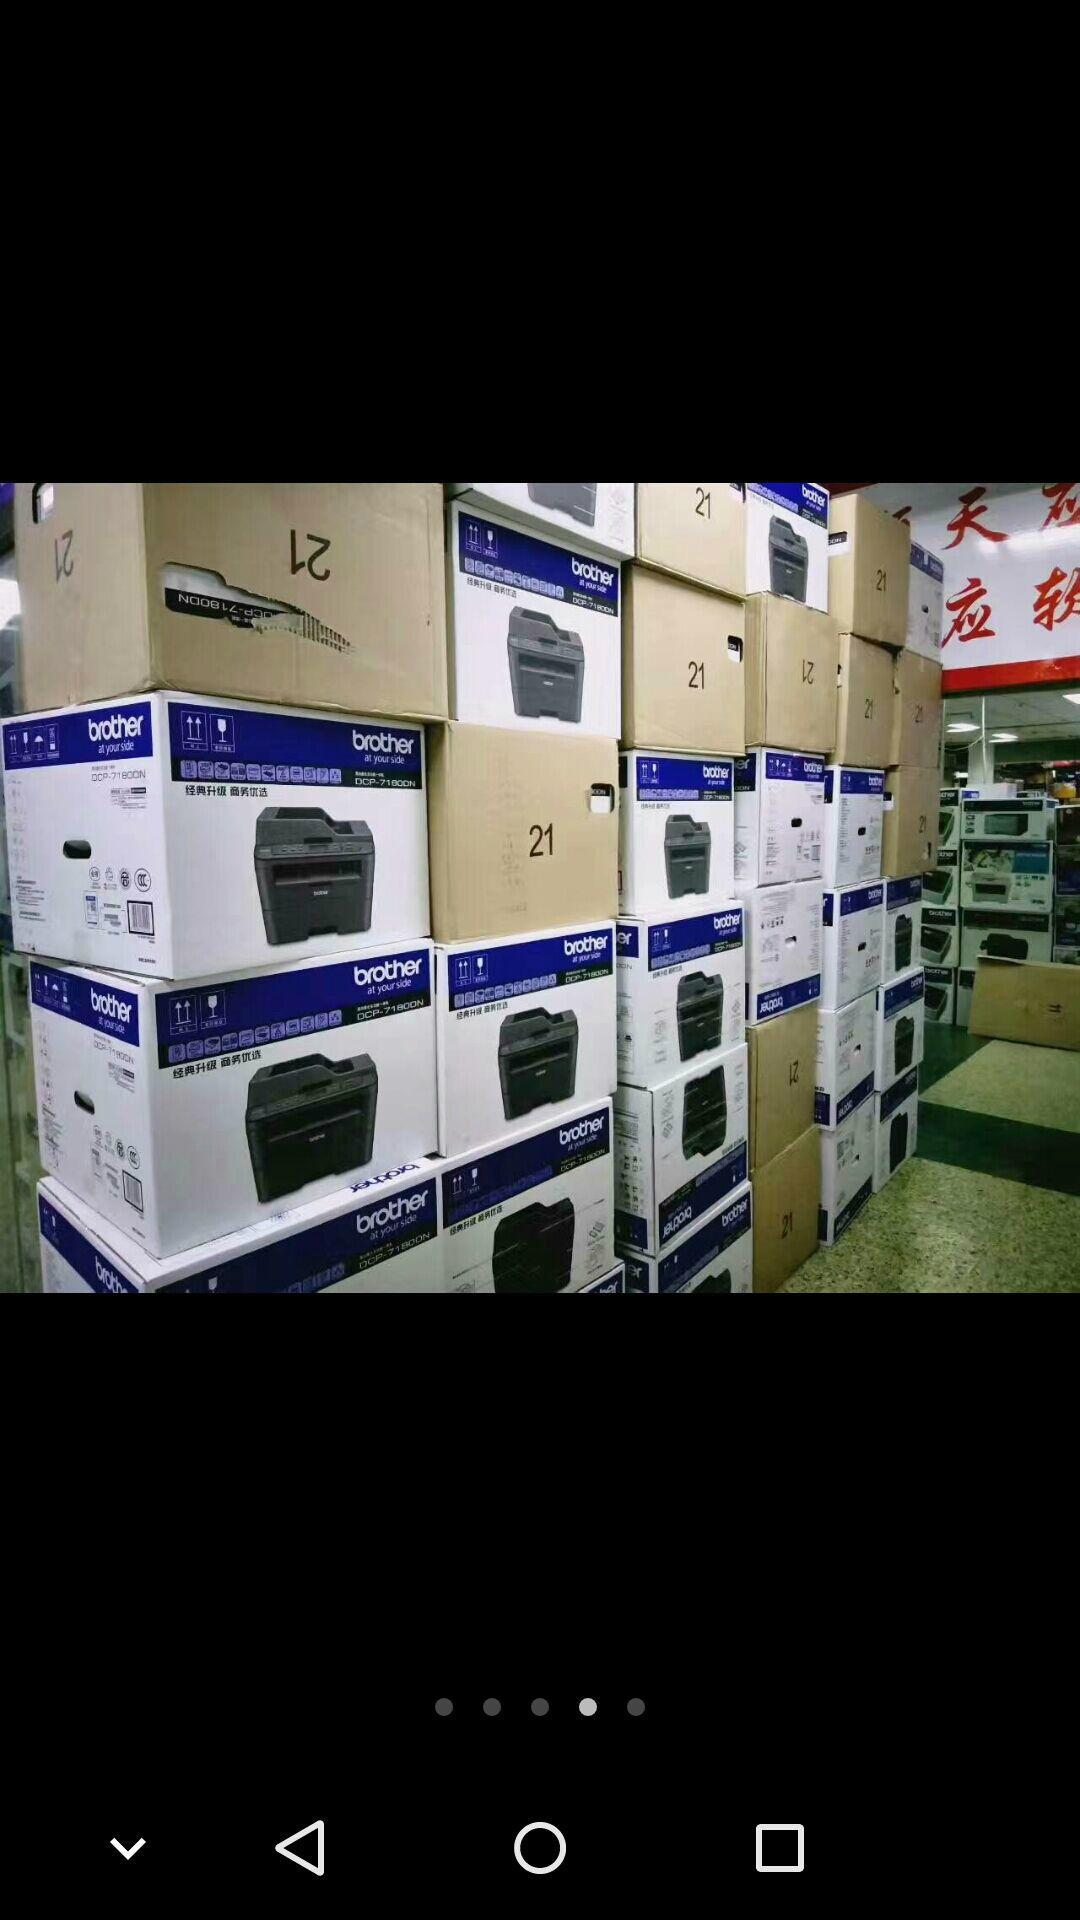 济南东芝2008打印机原装硒鼓经销商 3